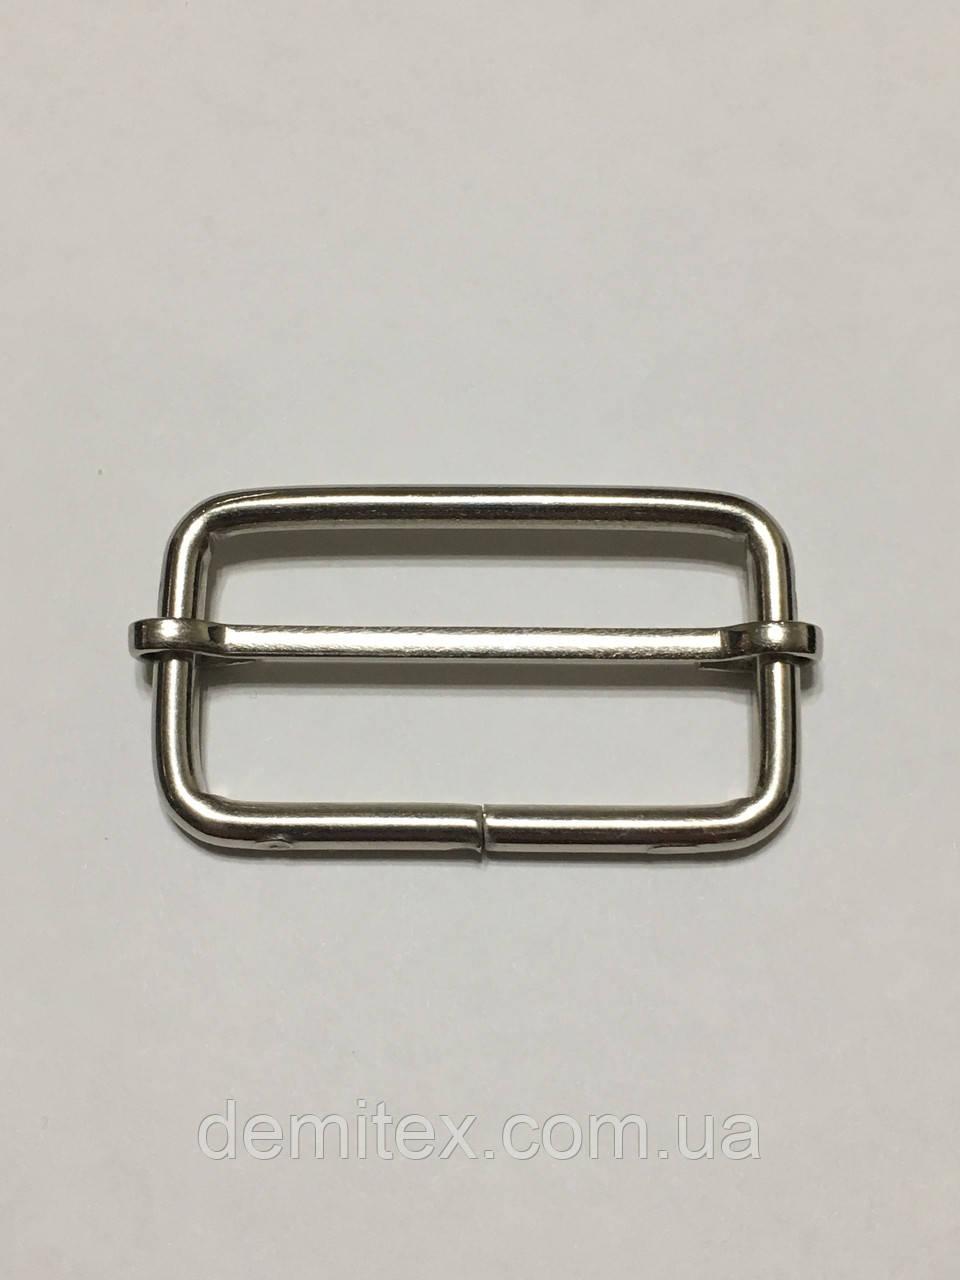 Рамка регулятор Перетяжка 40х20х4мм никель